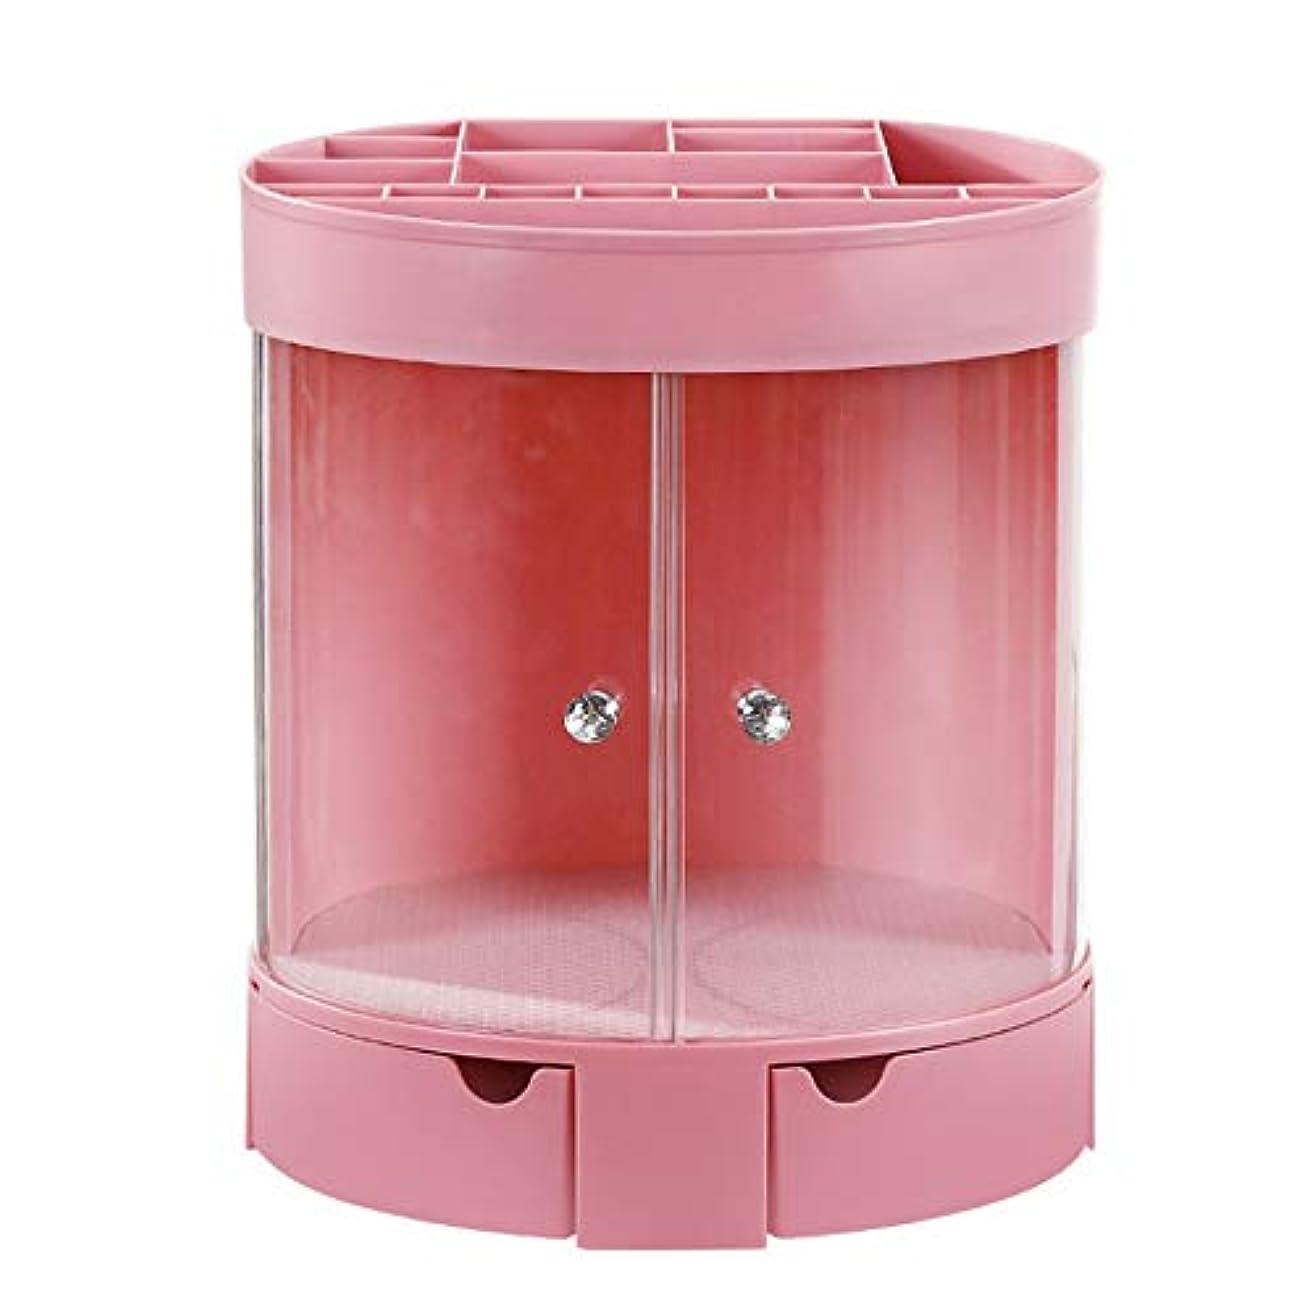 したがってライター創始者整理簡単 化粧品オーガナイザー化粧ディスプレイ収納スタンドホルダージュエリー香水口紅仕切り容器大容量ドレッサー寝室用バスルーム(引き出し付き絶妙なジュエリー化粧品オーガナイザー) (色 : ピンク)